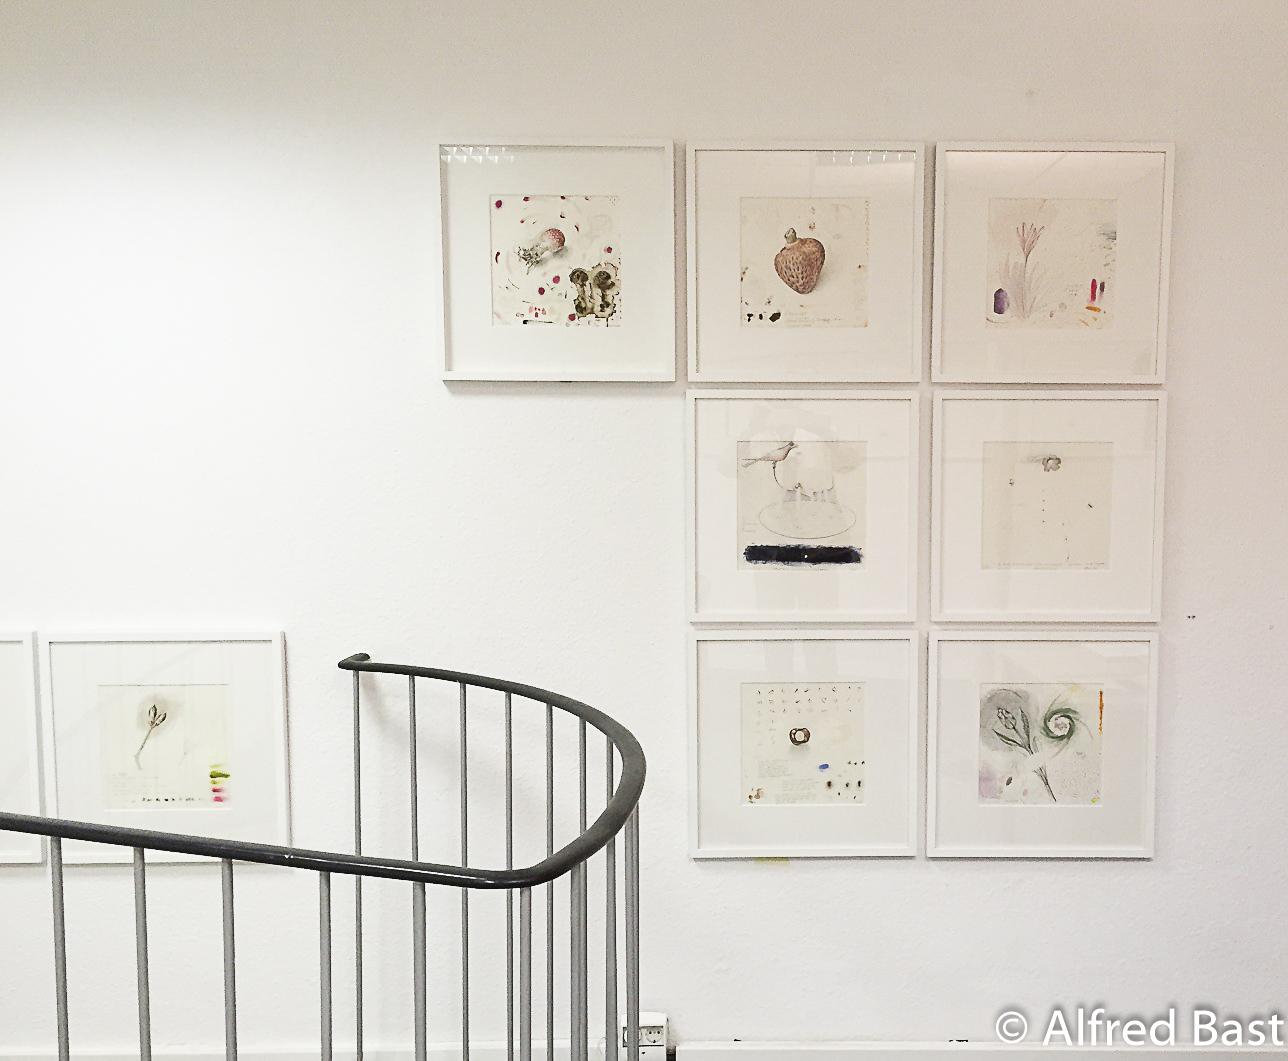 Drawings of Alfred Bast, Morgenstern Gallery, Berlin, 2015